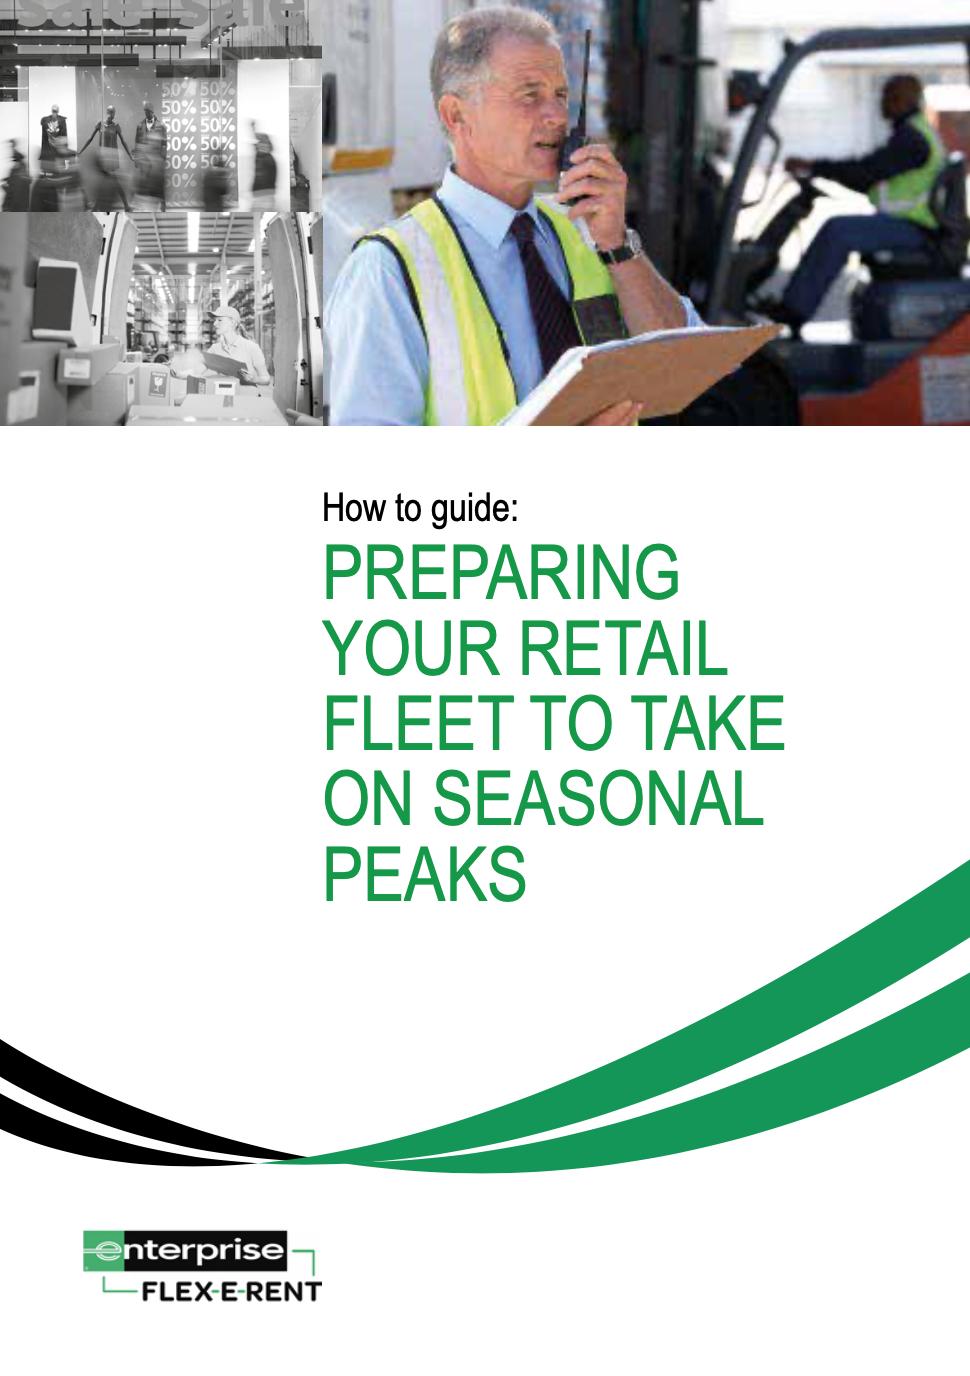 Is your retail fleet prepared for seasonal peaks?